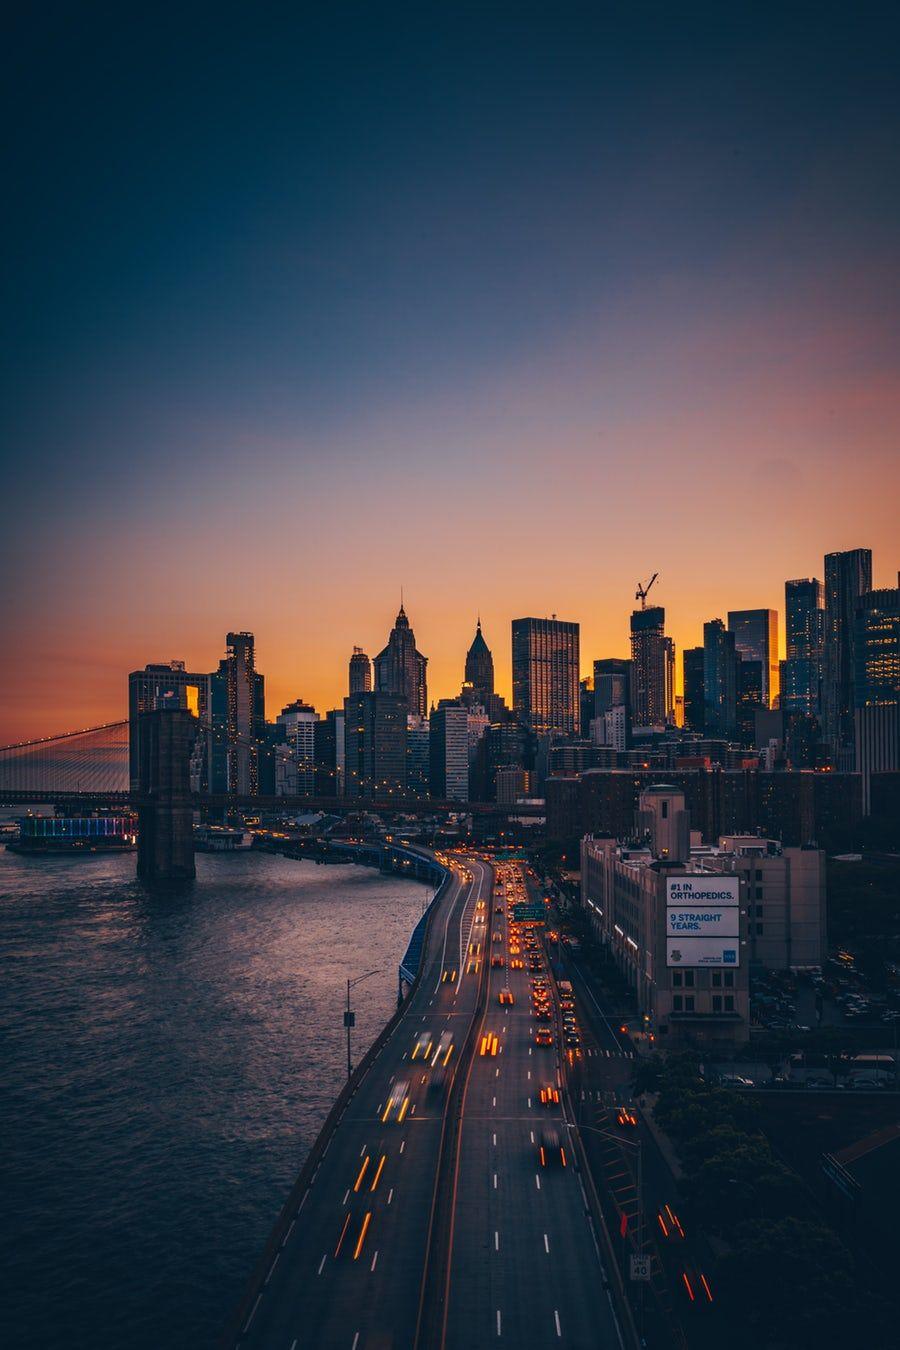 Pin Oleh Raina July Di Singkat New York Skyline Estetika Kota New York